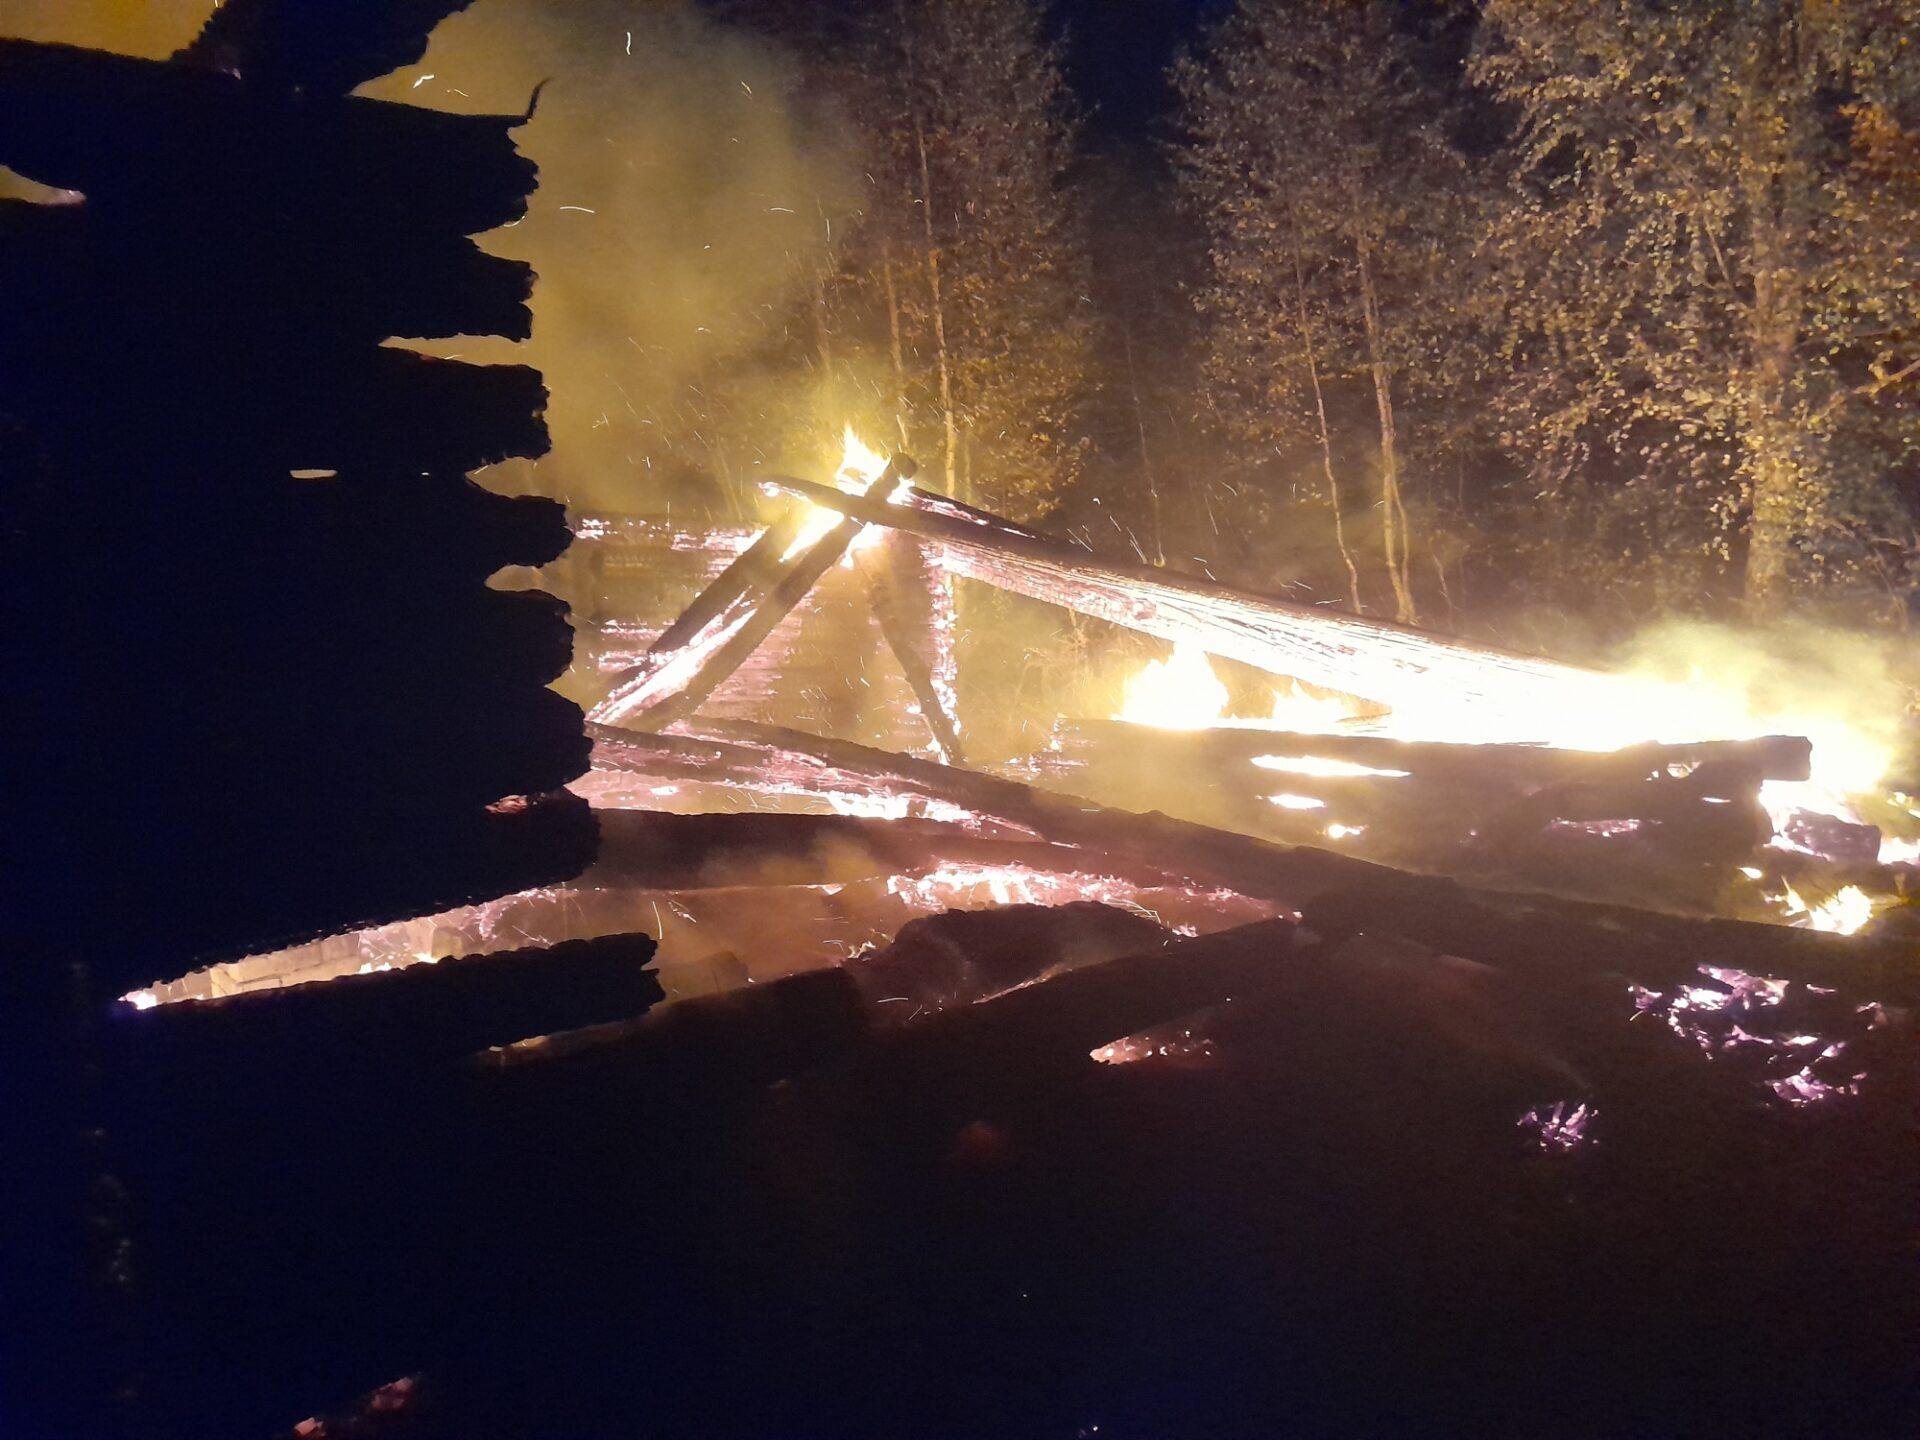 В Марий Эл в пожаре погибли двое местных жителей